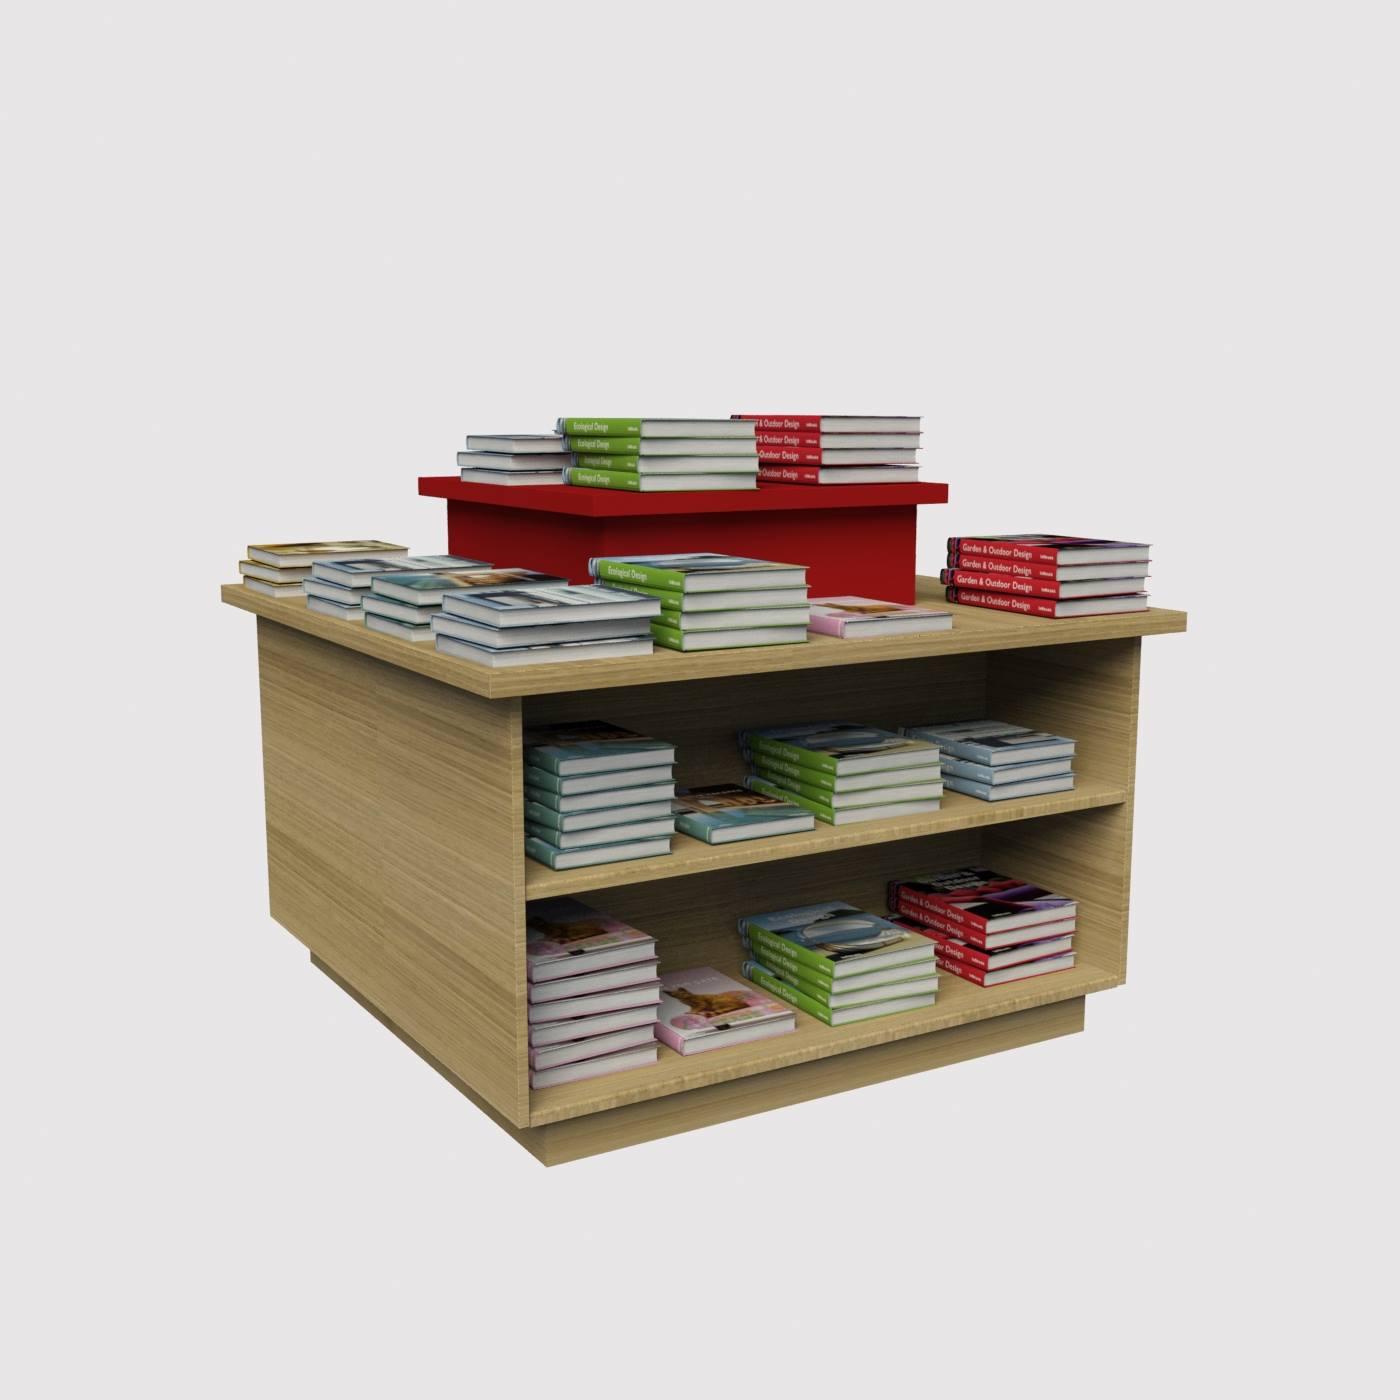 εξοπλισμός βιβλιοπωλείου km store design epiplosi καταστηματος βιβλιοπωλειου επιπλωσεις